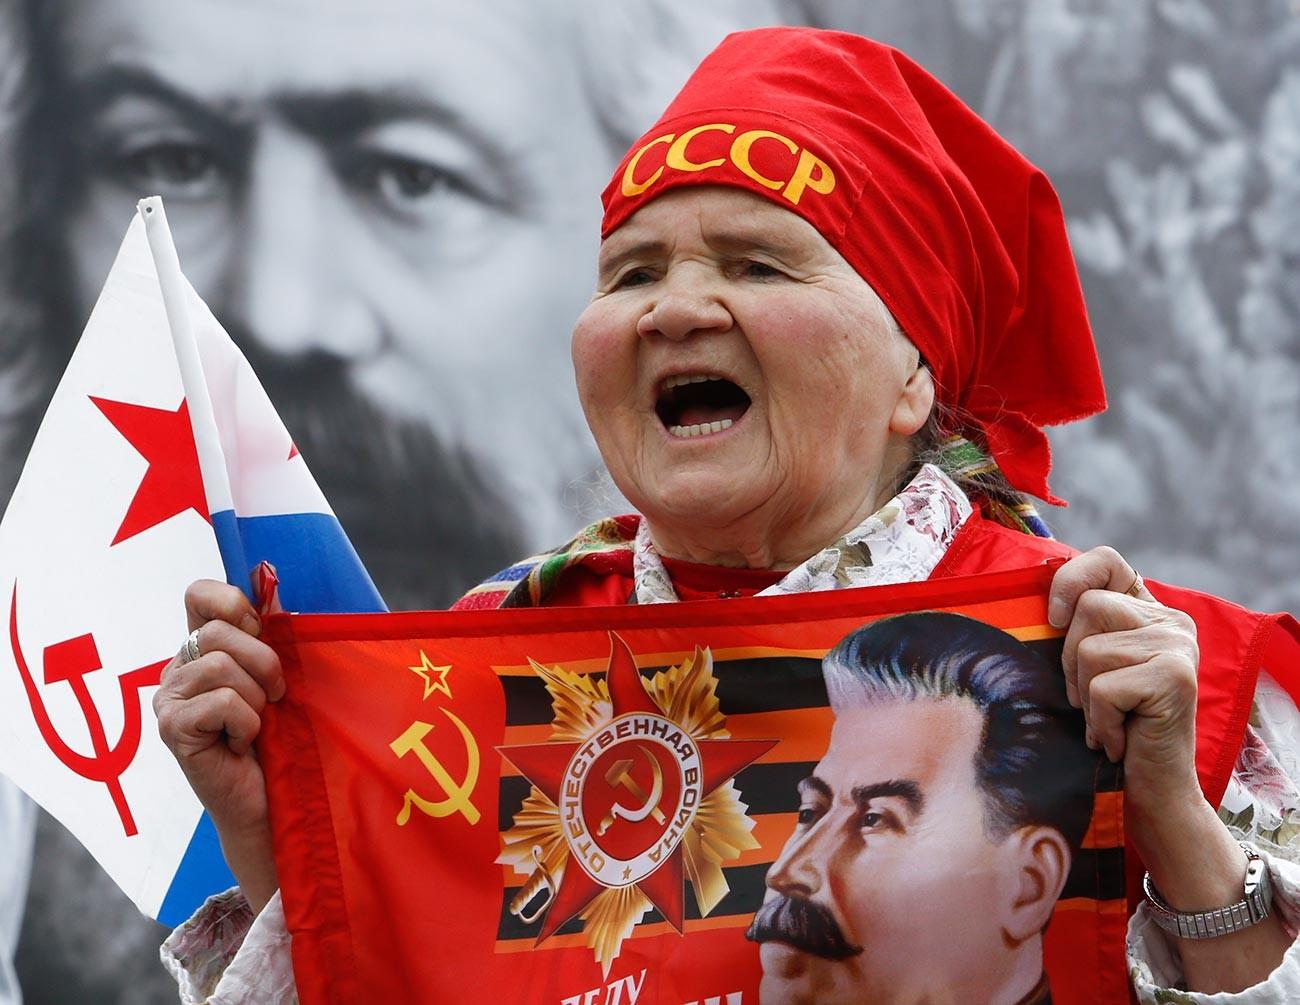 Manifestation du Parti communiste russe à Moscou à l'occasion de la Fête du Travail